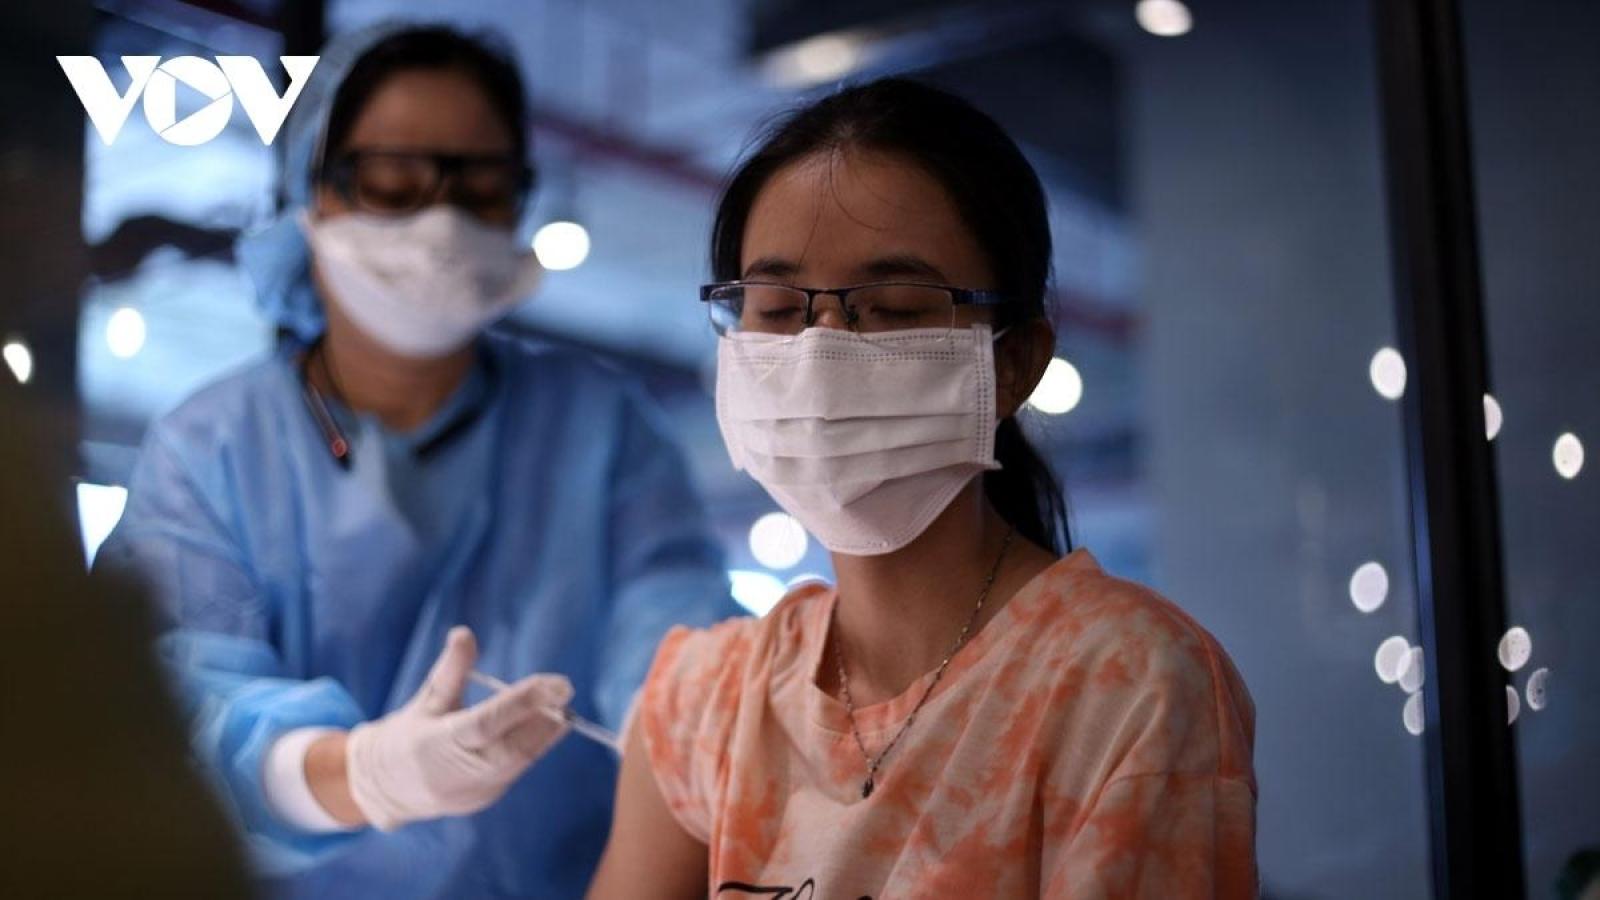 Bộ Y tế xem xét tiêm trộn vaccine Moderna với vaccine khác